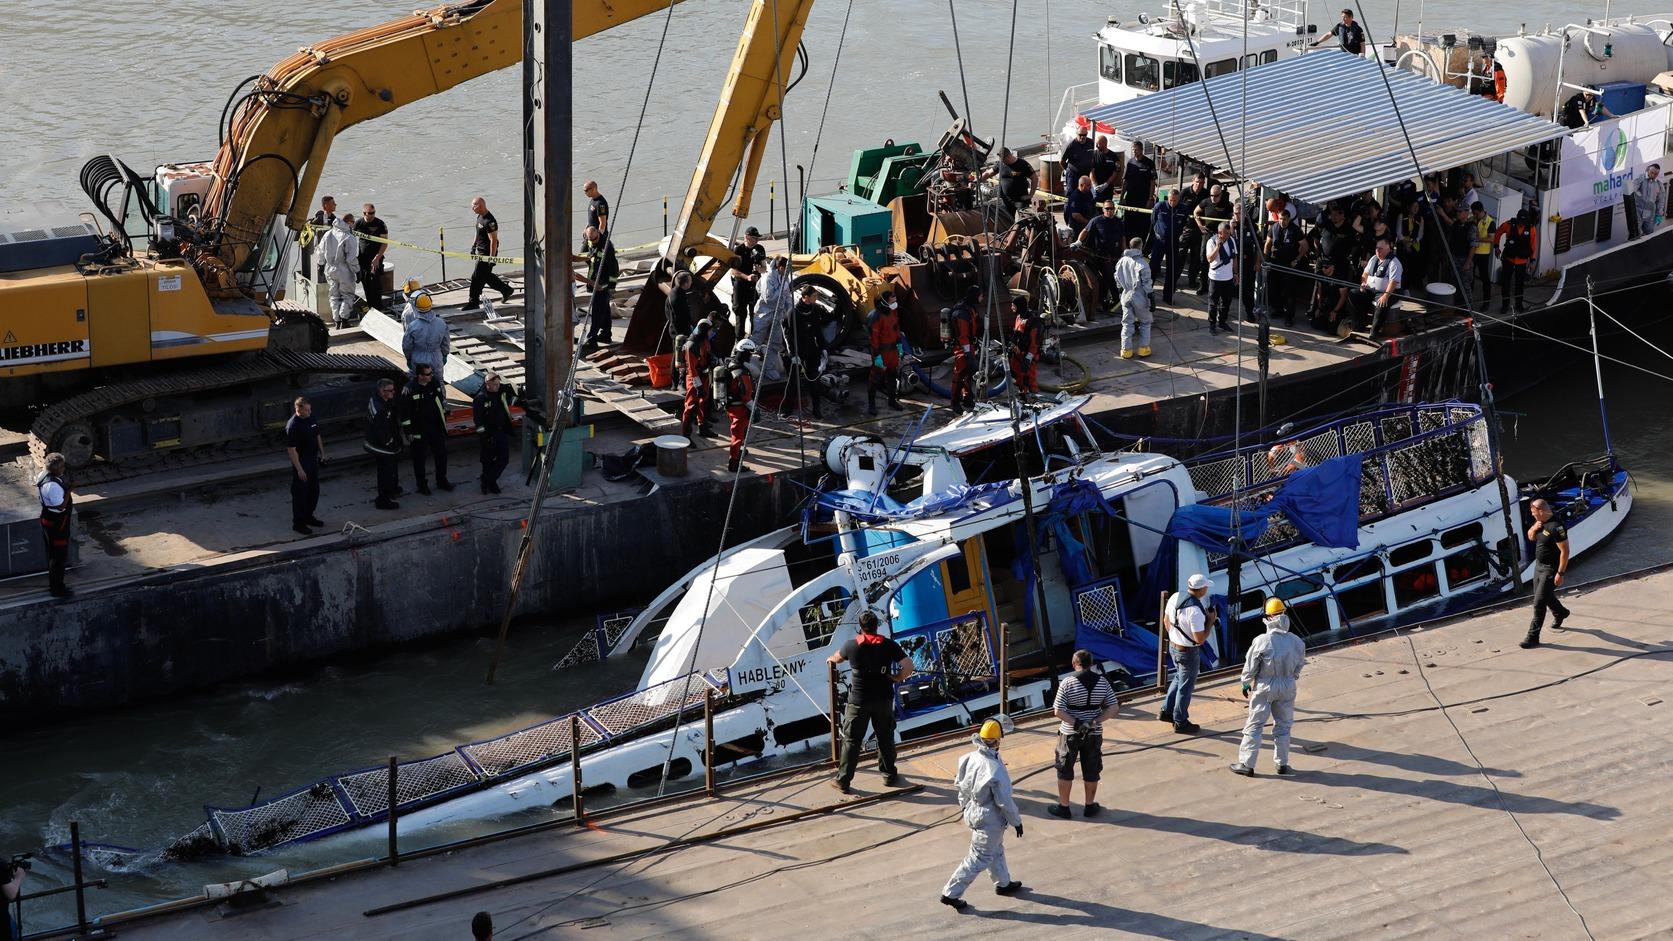 Budapest, 2019. június 11. A Clark Ádám úszódaru kiemeli a balesetben elsüllyedt Hableány turistahajó roncsát a Margit hídnál 2019. június 11-én. A Hableány május 29-én süllyedt el a Margit hídnál, miután összeütközött a Viking Sigyn szállodahajóval. A fedélzeten 35-en utaztak, 33 dél-koreai állampolgár és a kéttagú magyar személyzet. Hét embert sikerült kimenteni, hét dél-koreai állampolgár holttestét pedig még aznap megtalálták. Azóta további tizenhárom áldozat, köztük a Hableány matrózának holttestét találták meg és azonosították. MTI/Mohai Balázs